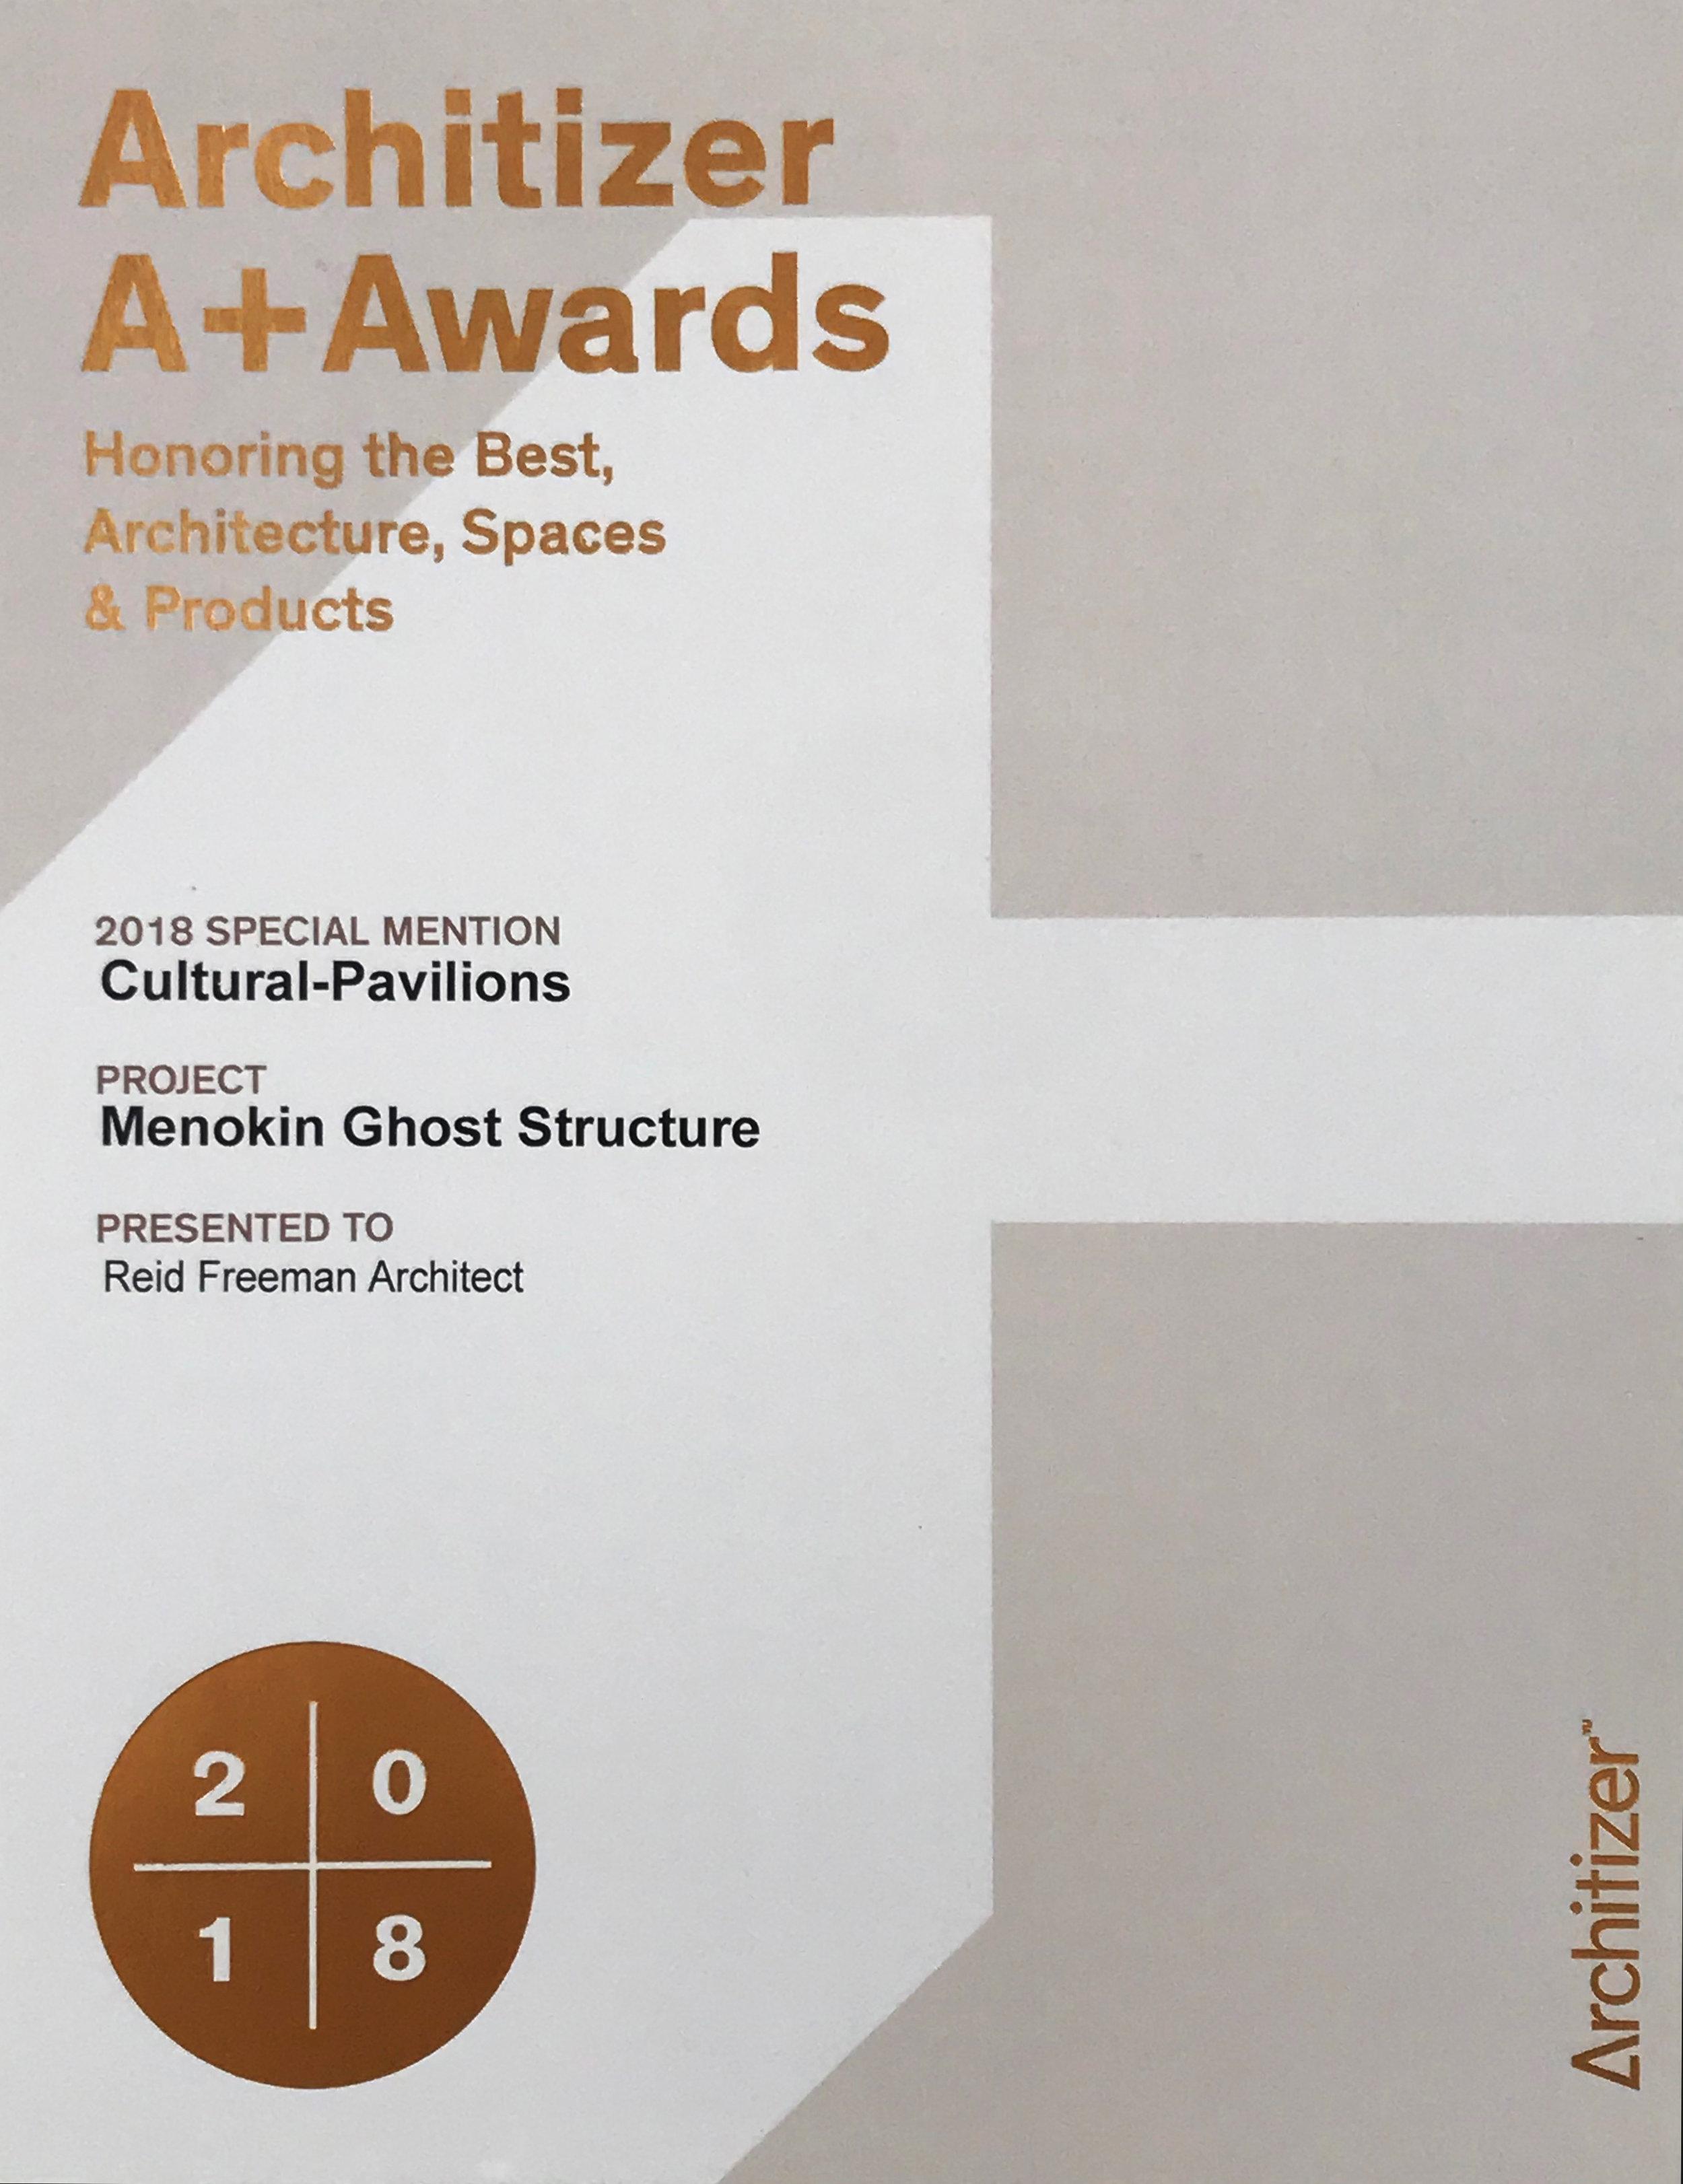 Architizer A+Awards 2018